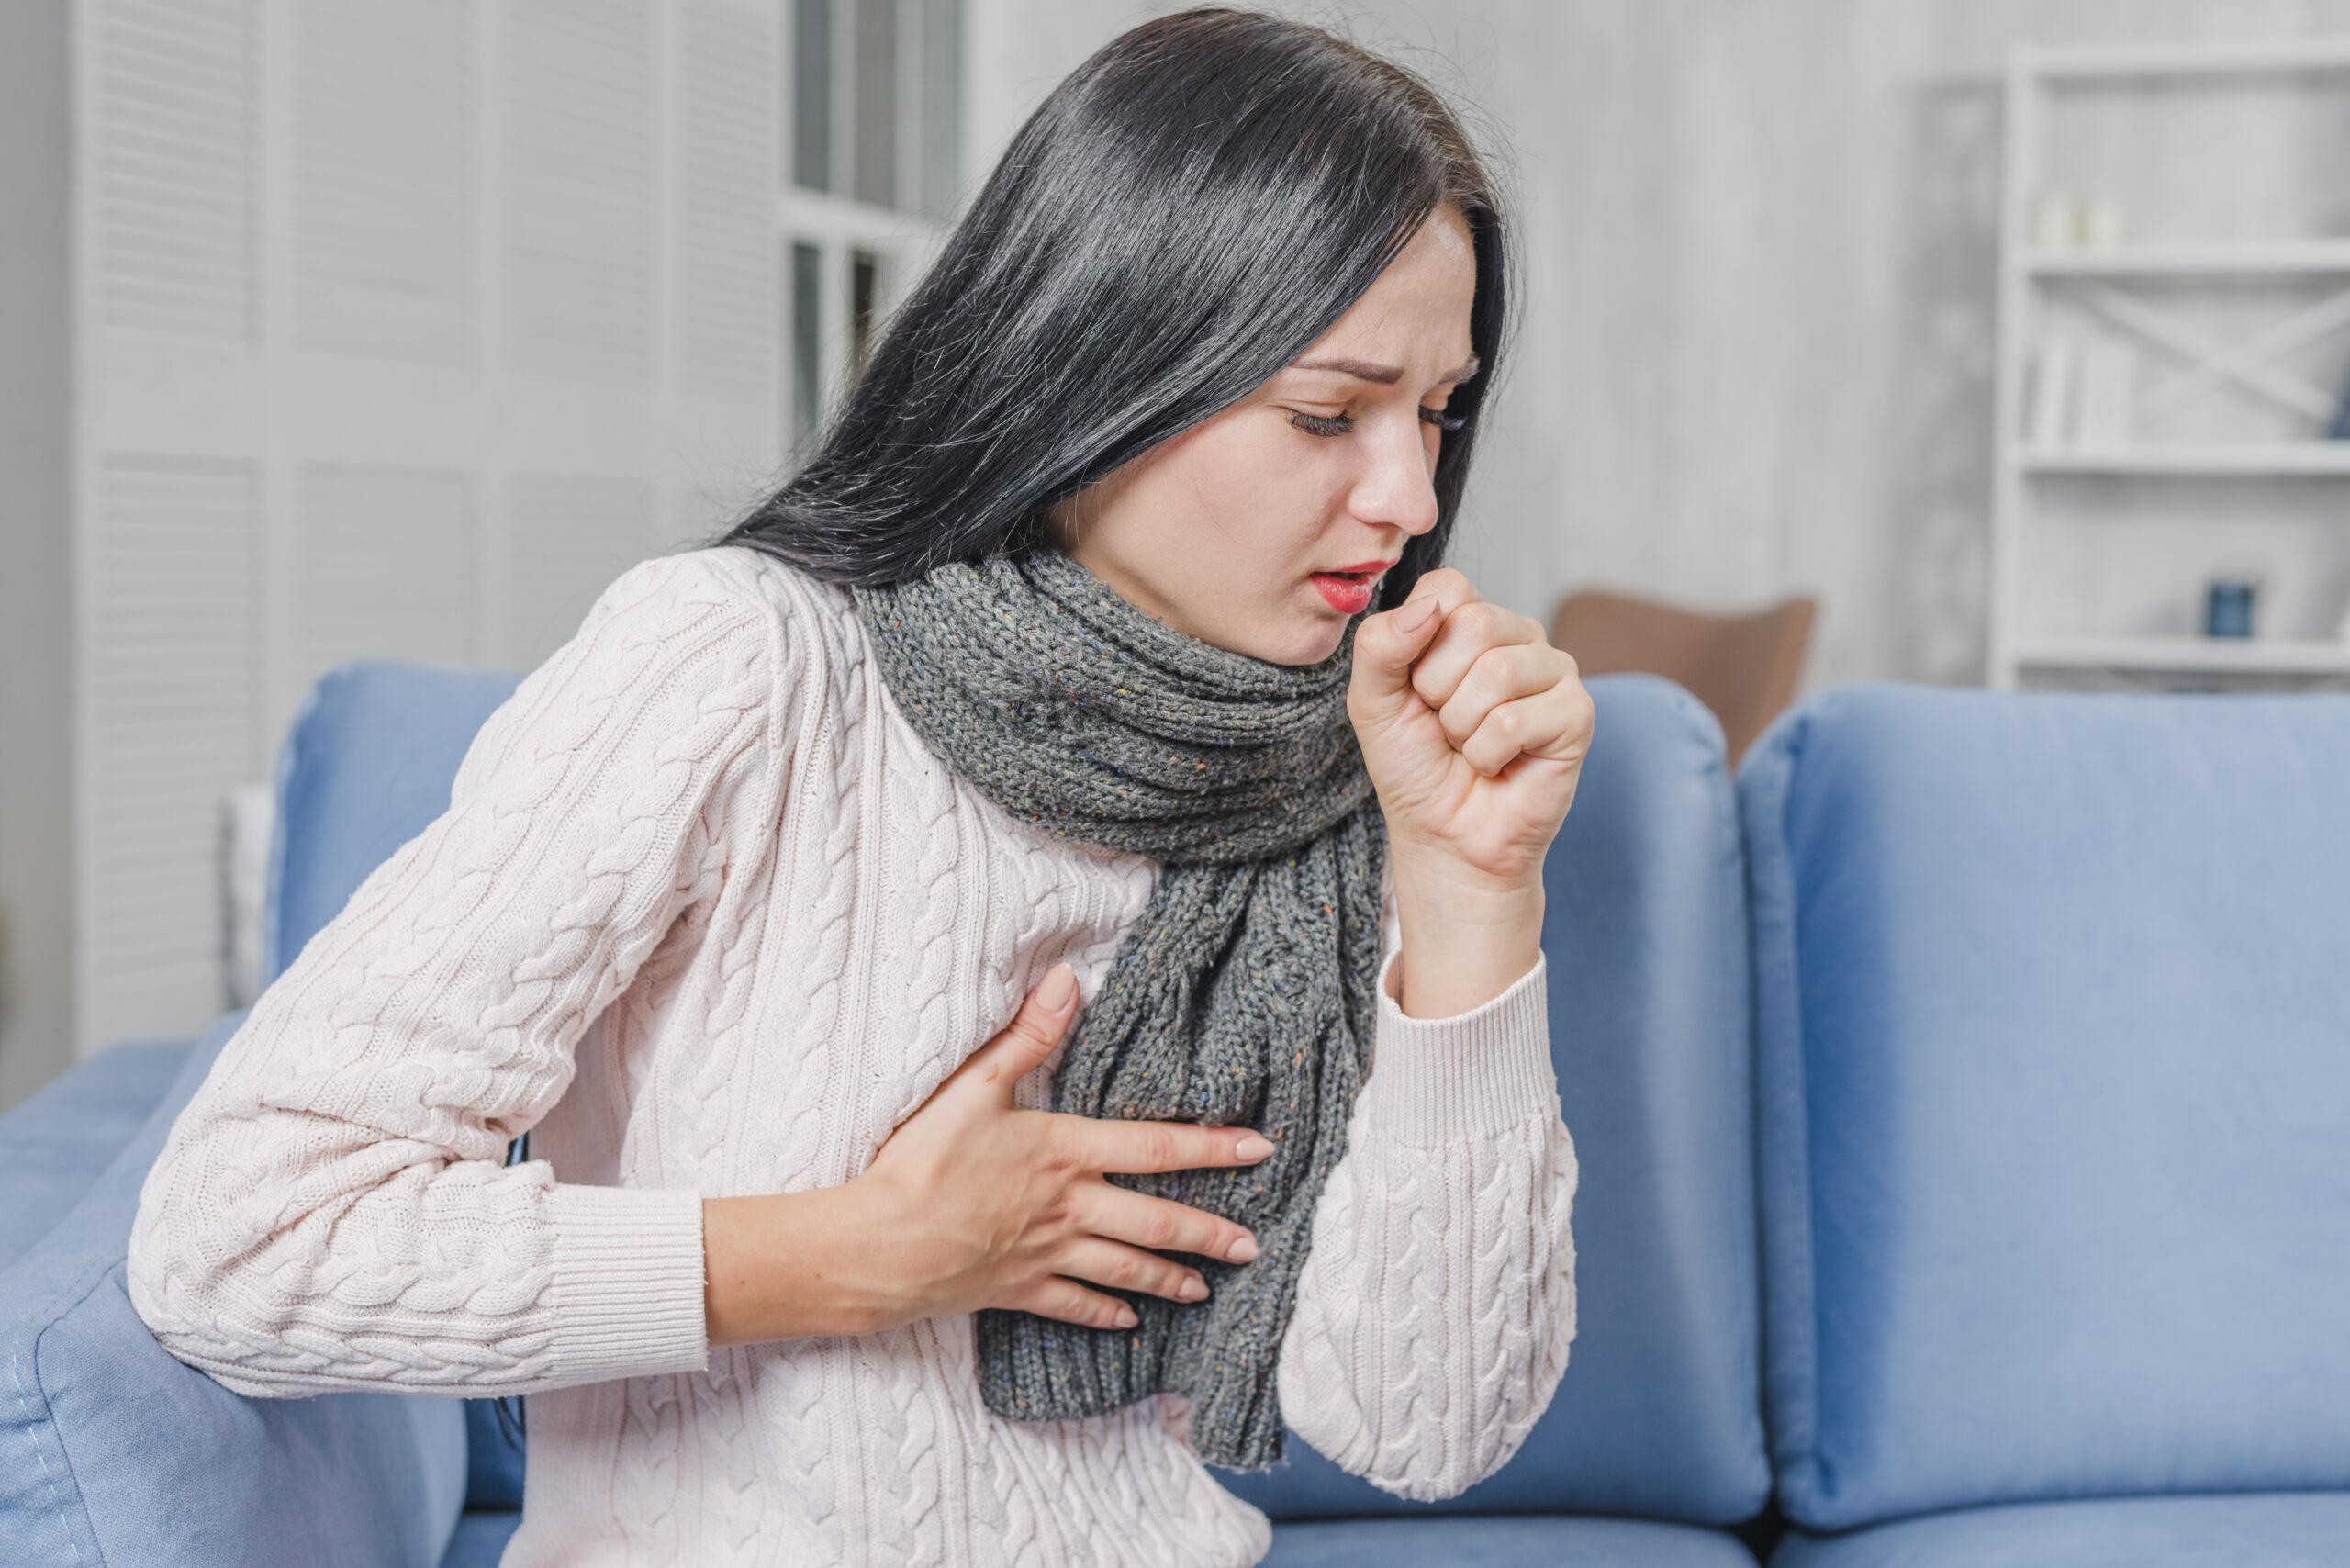 Jovem mulher sentada em um sofá azul, tossindo com uma mão sobre o peito